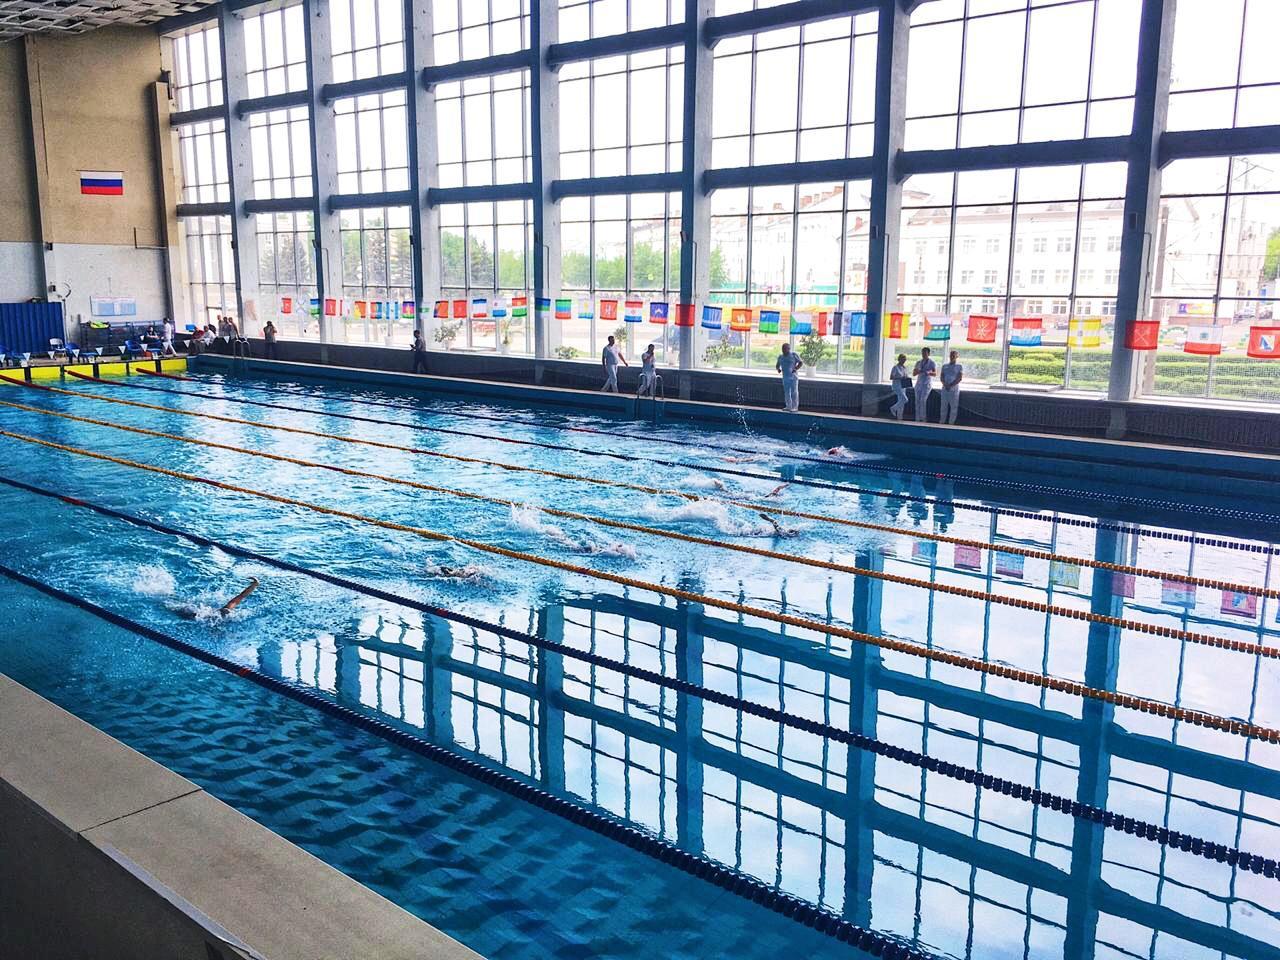 В Дзержинске стартовали чемпионат России по плаванию спорта лиц с ПОДА и Кубки России по плаванию спорта слепых и ЛИН